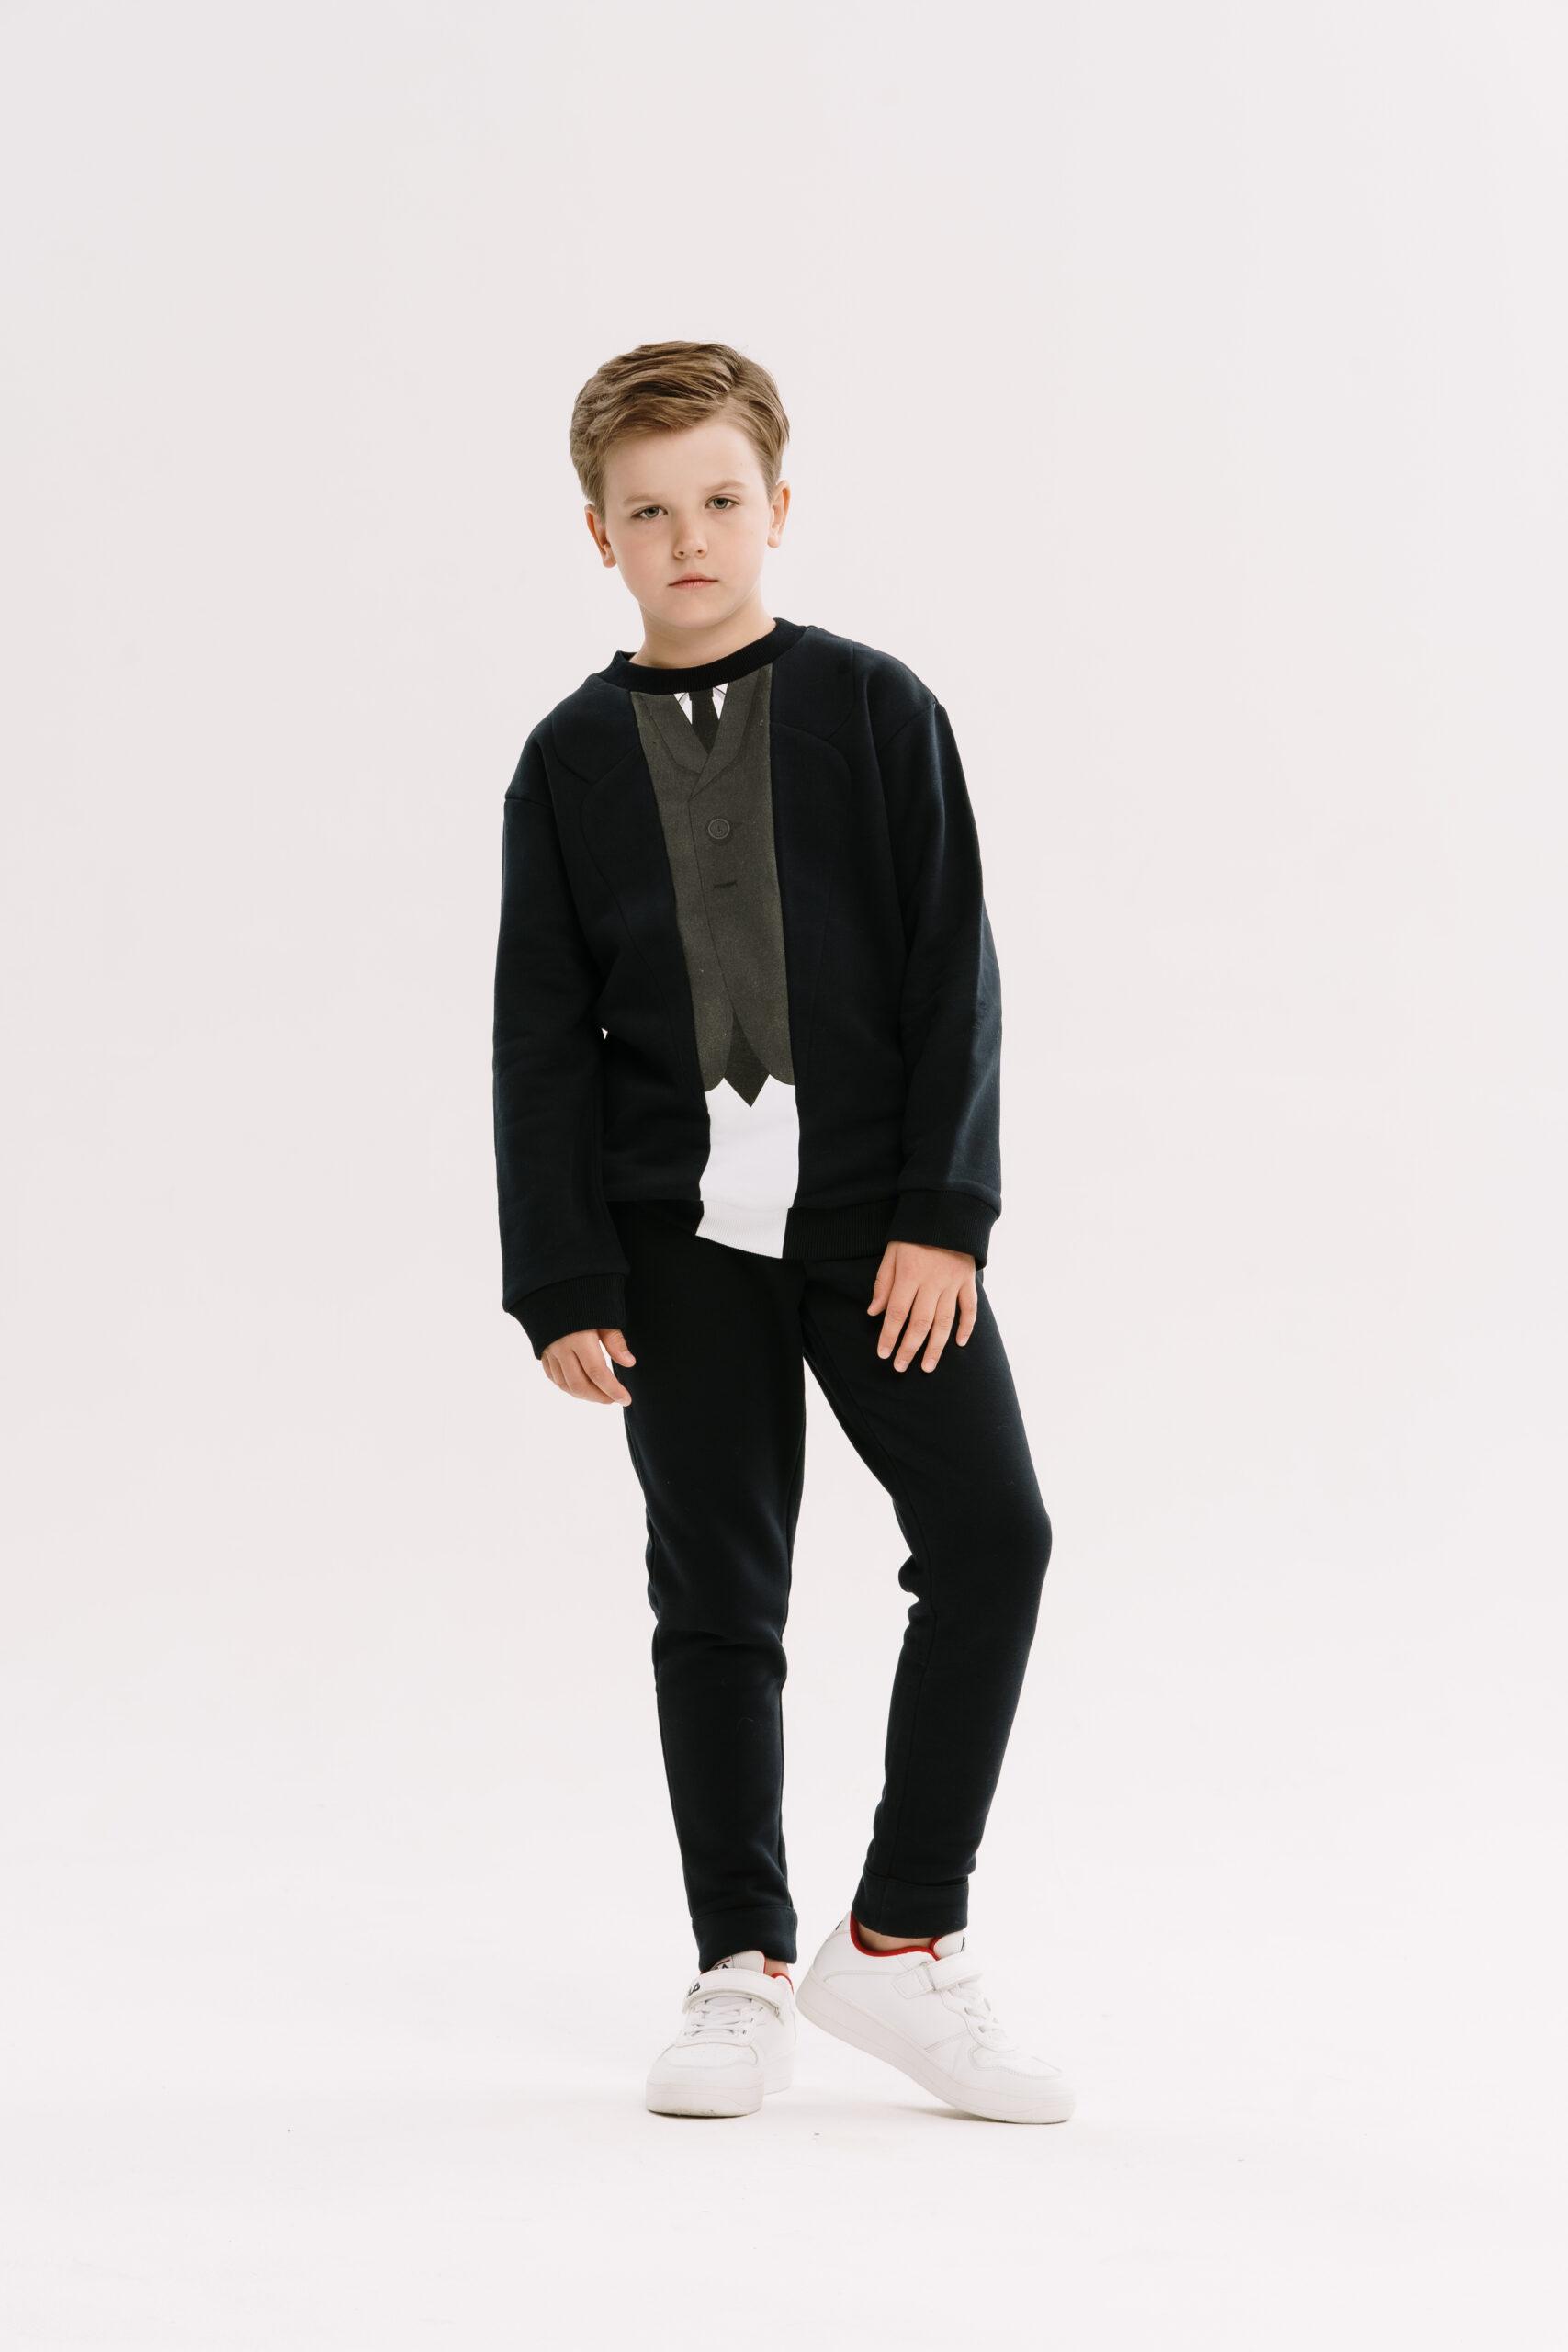 Трикотажные школьные брюки Back to school online